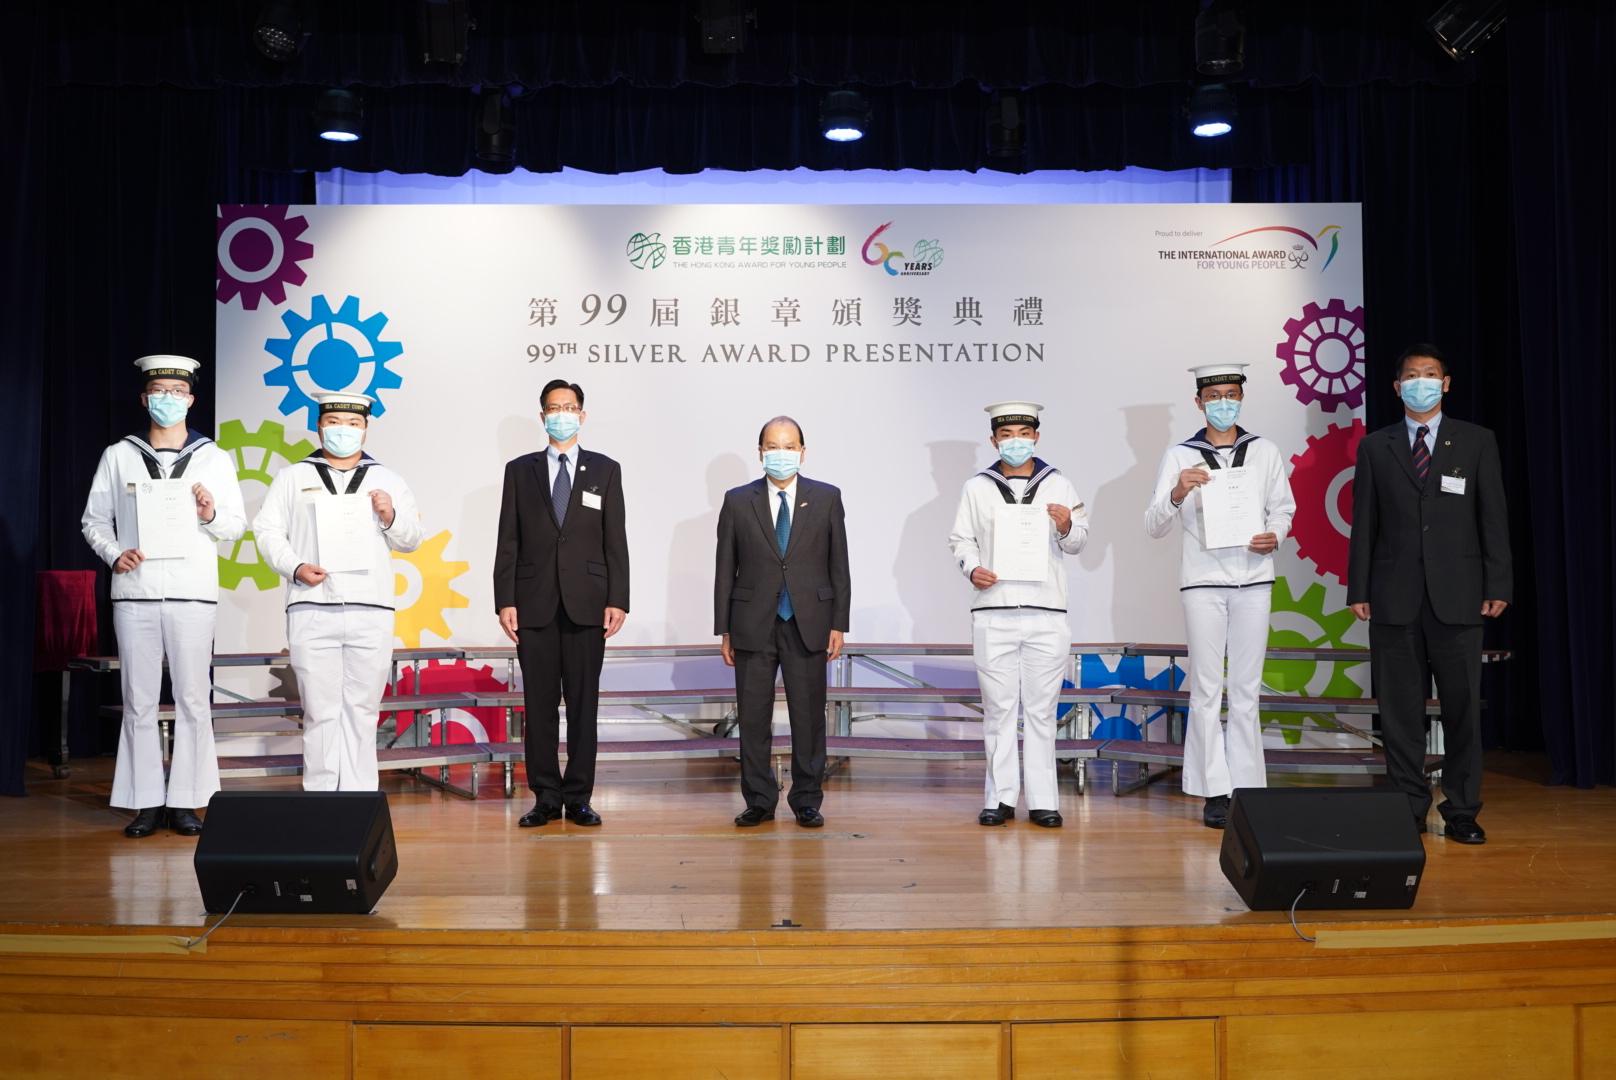 香港青年獎勵計劃第九十九屆銀章頒獎典禮 (19/04/2021)